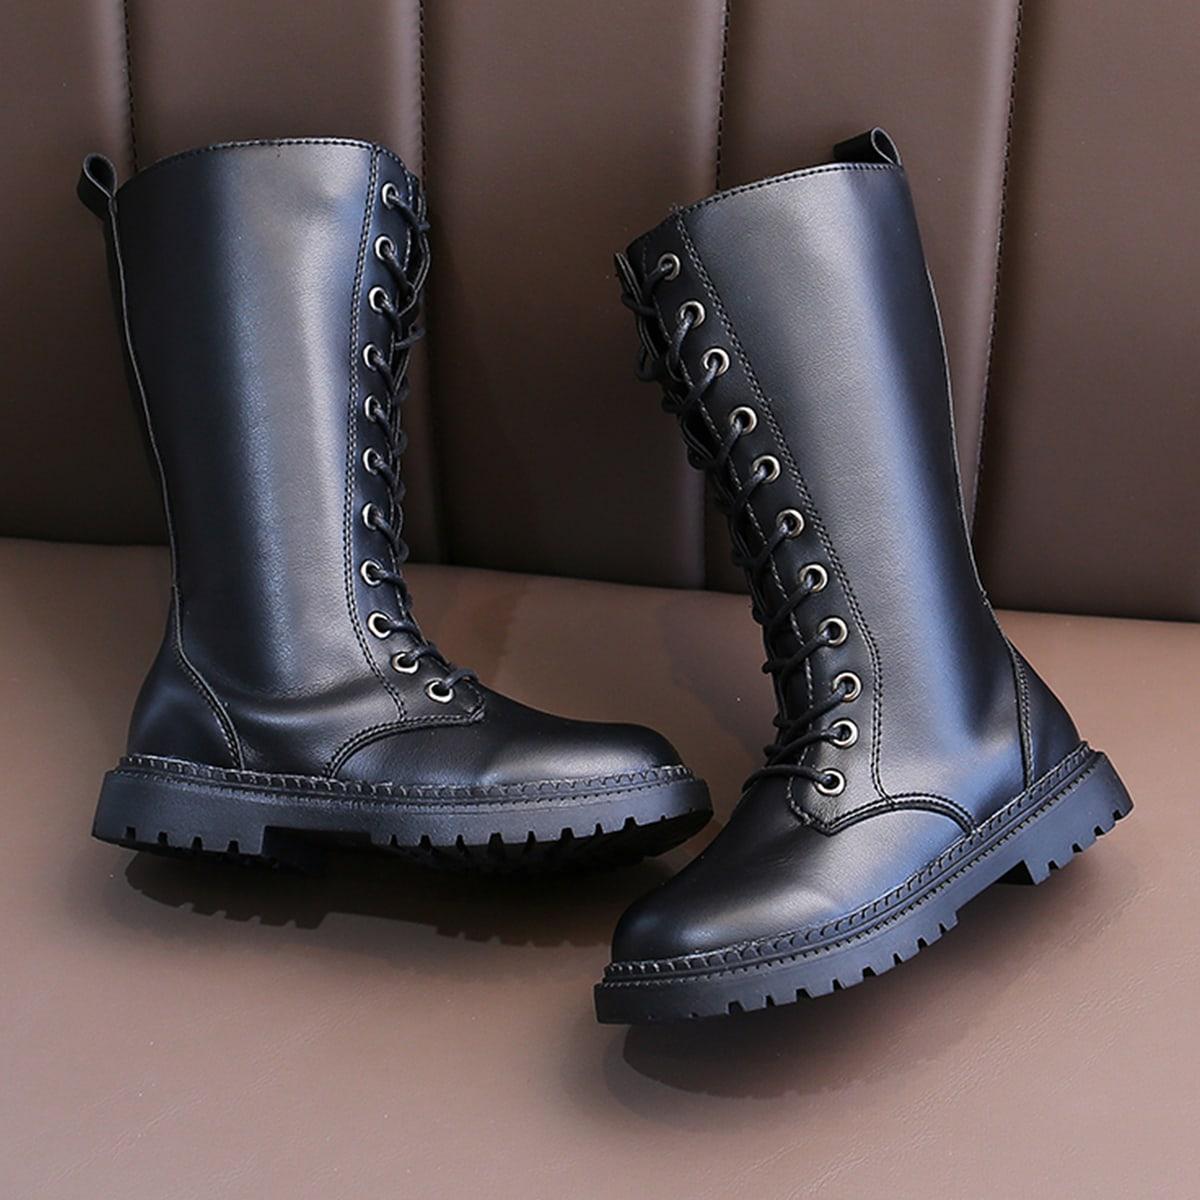 Минималистичные ботинки на шнурке для девочек SheIn sk2107255905541810